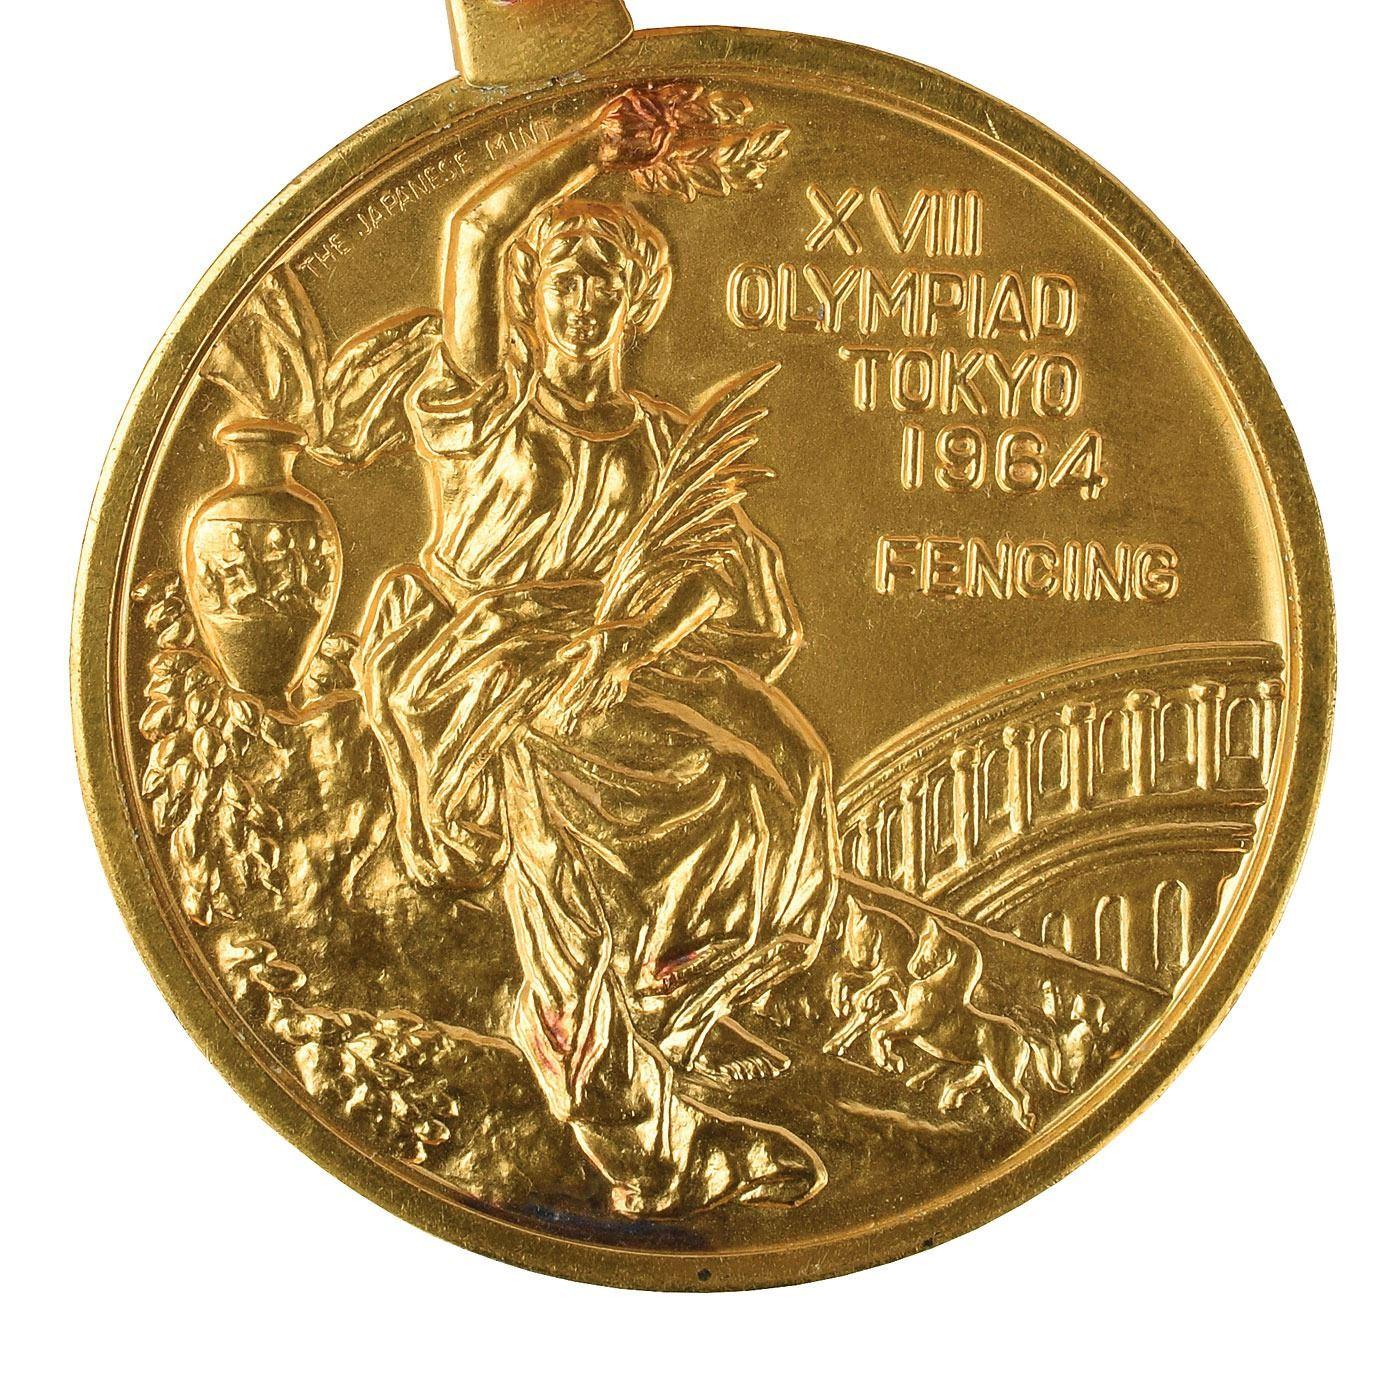 Золотая медаль Олимпиады 1964 года за фехтование